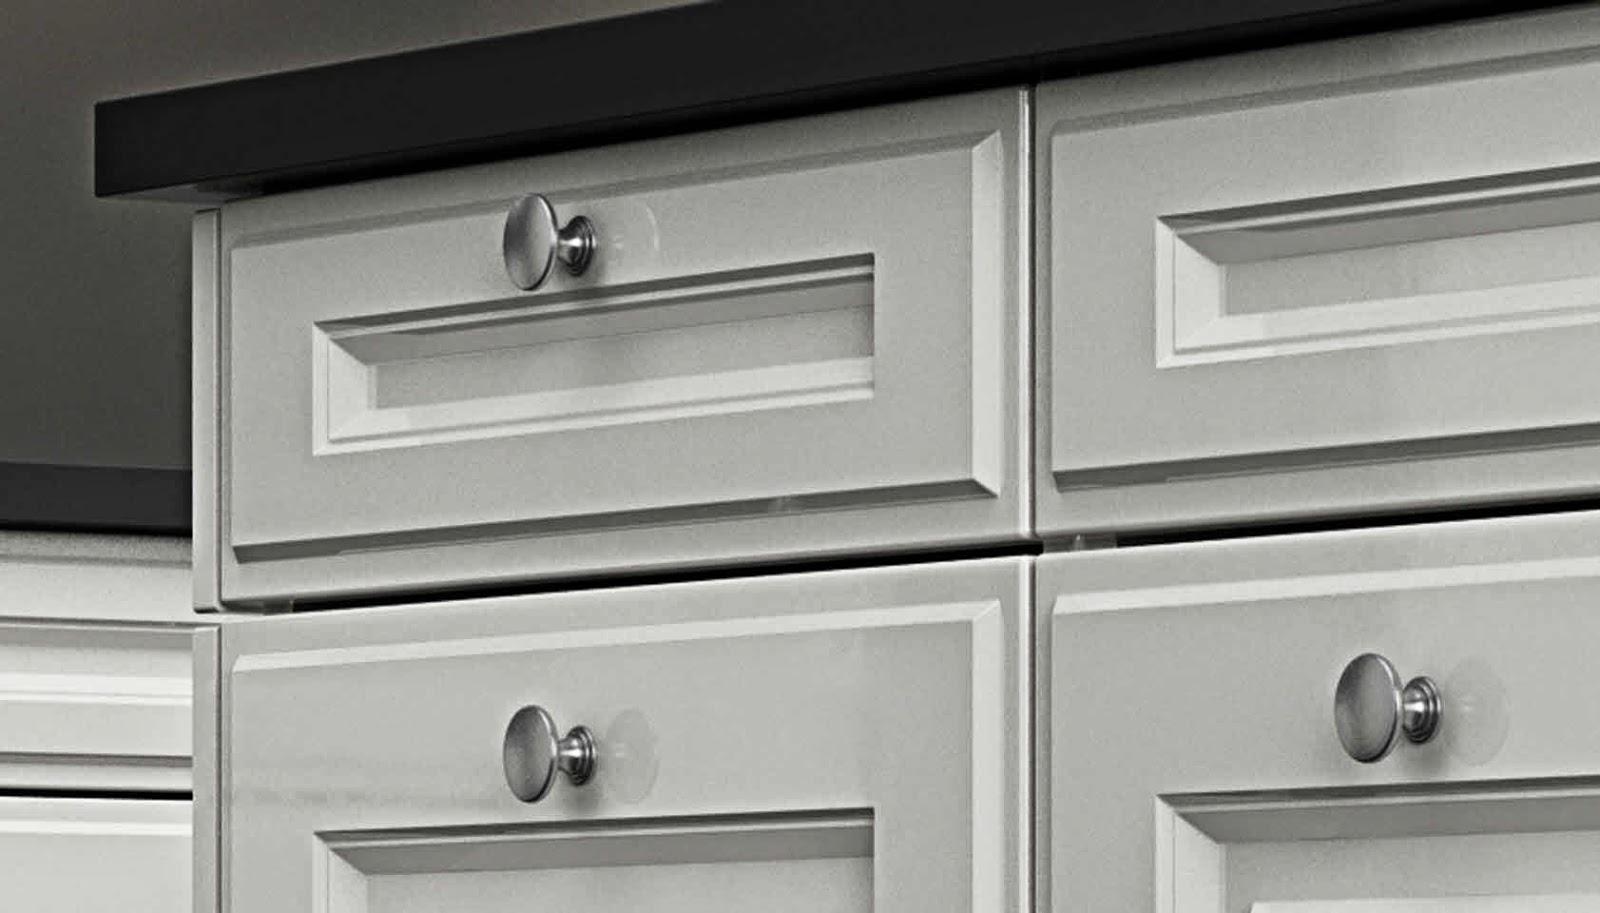 Tiradores de cocina peque os y necesarios accesorios - Tiradores para muebles de cocina ...